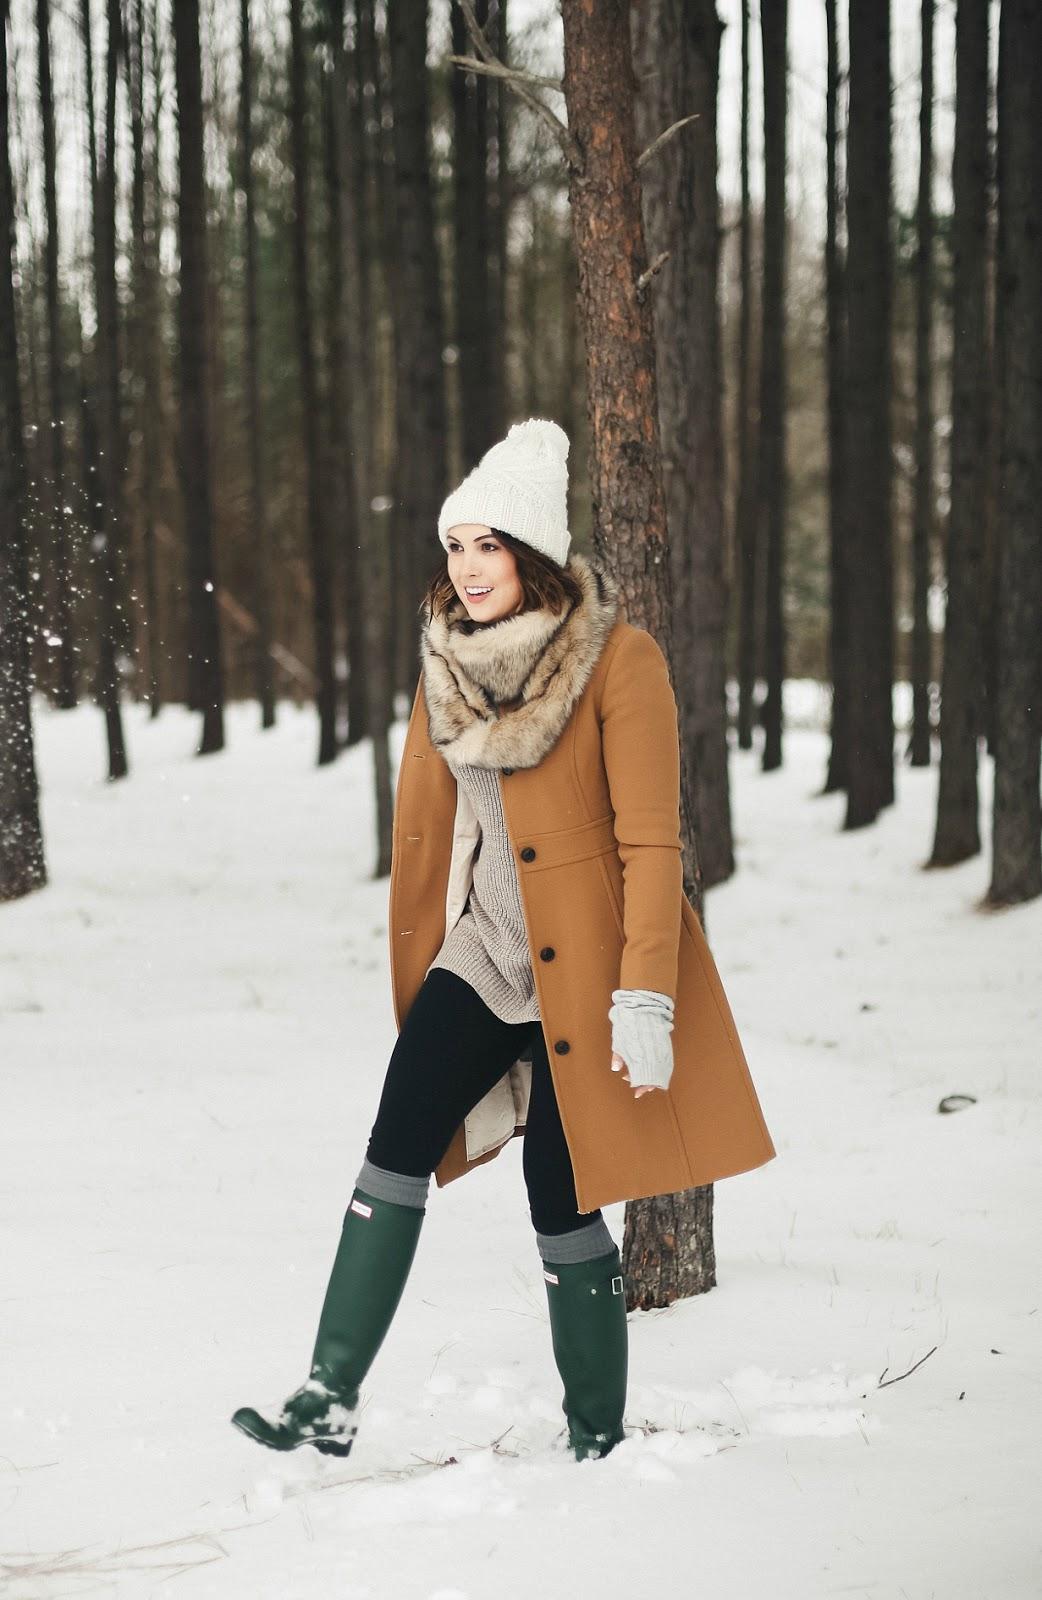 j crew lady day coat winter look